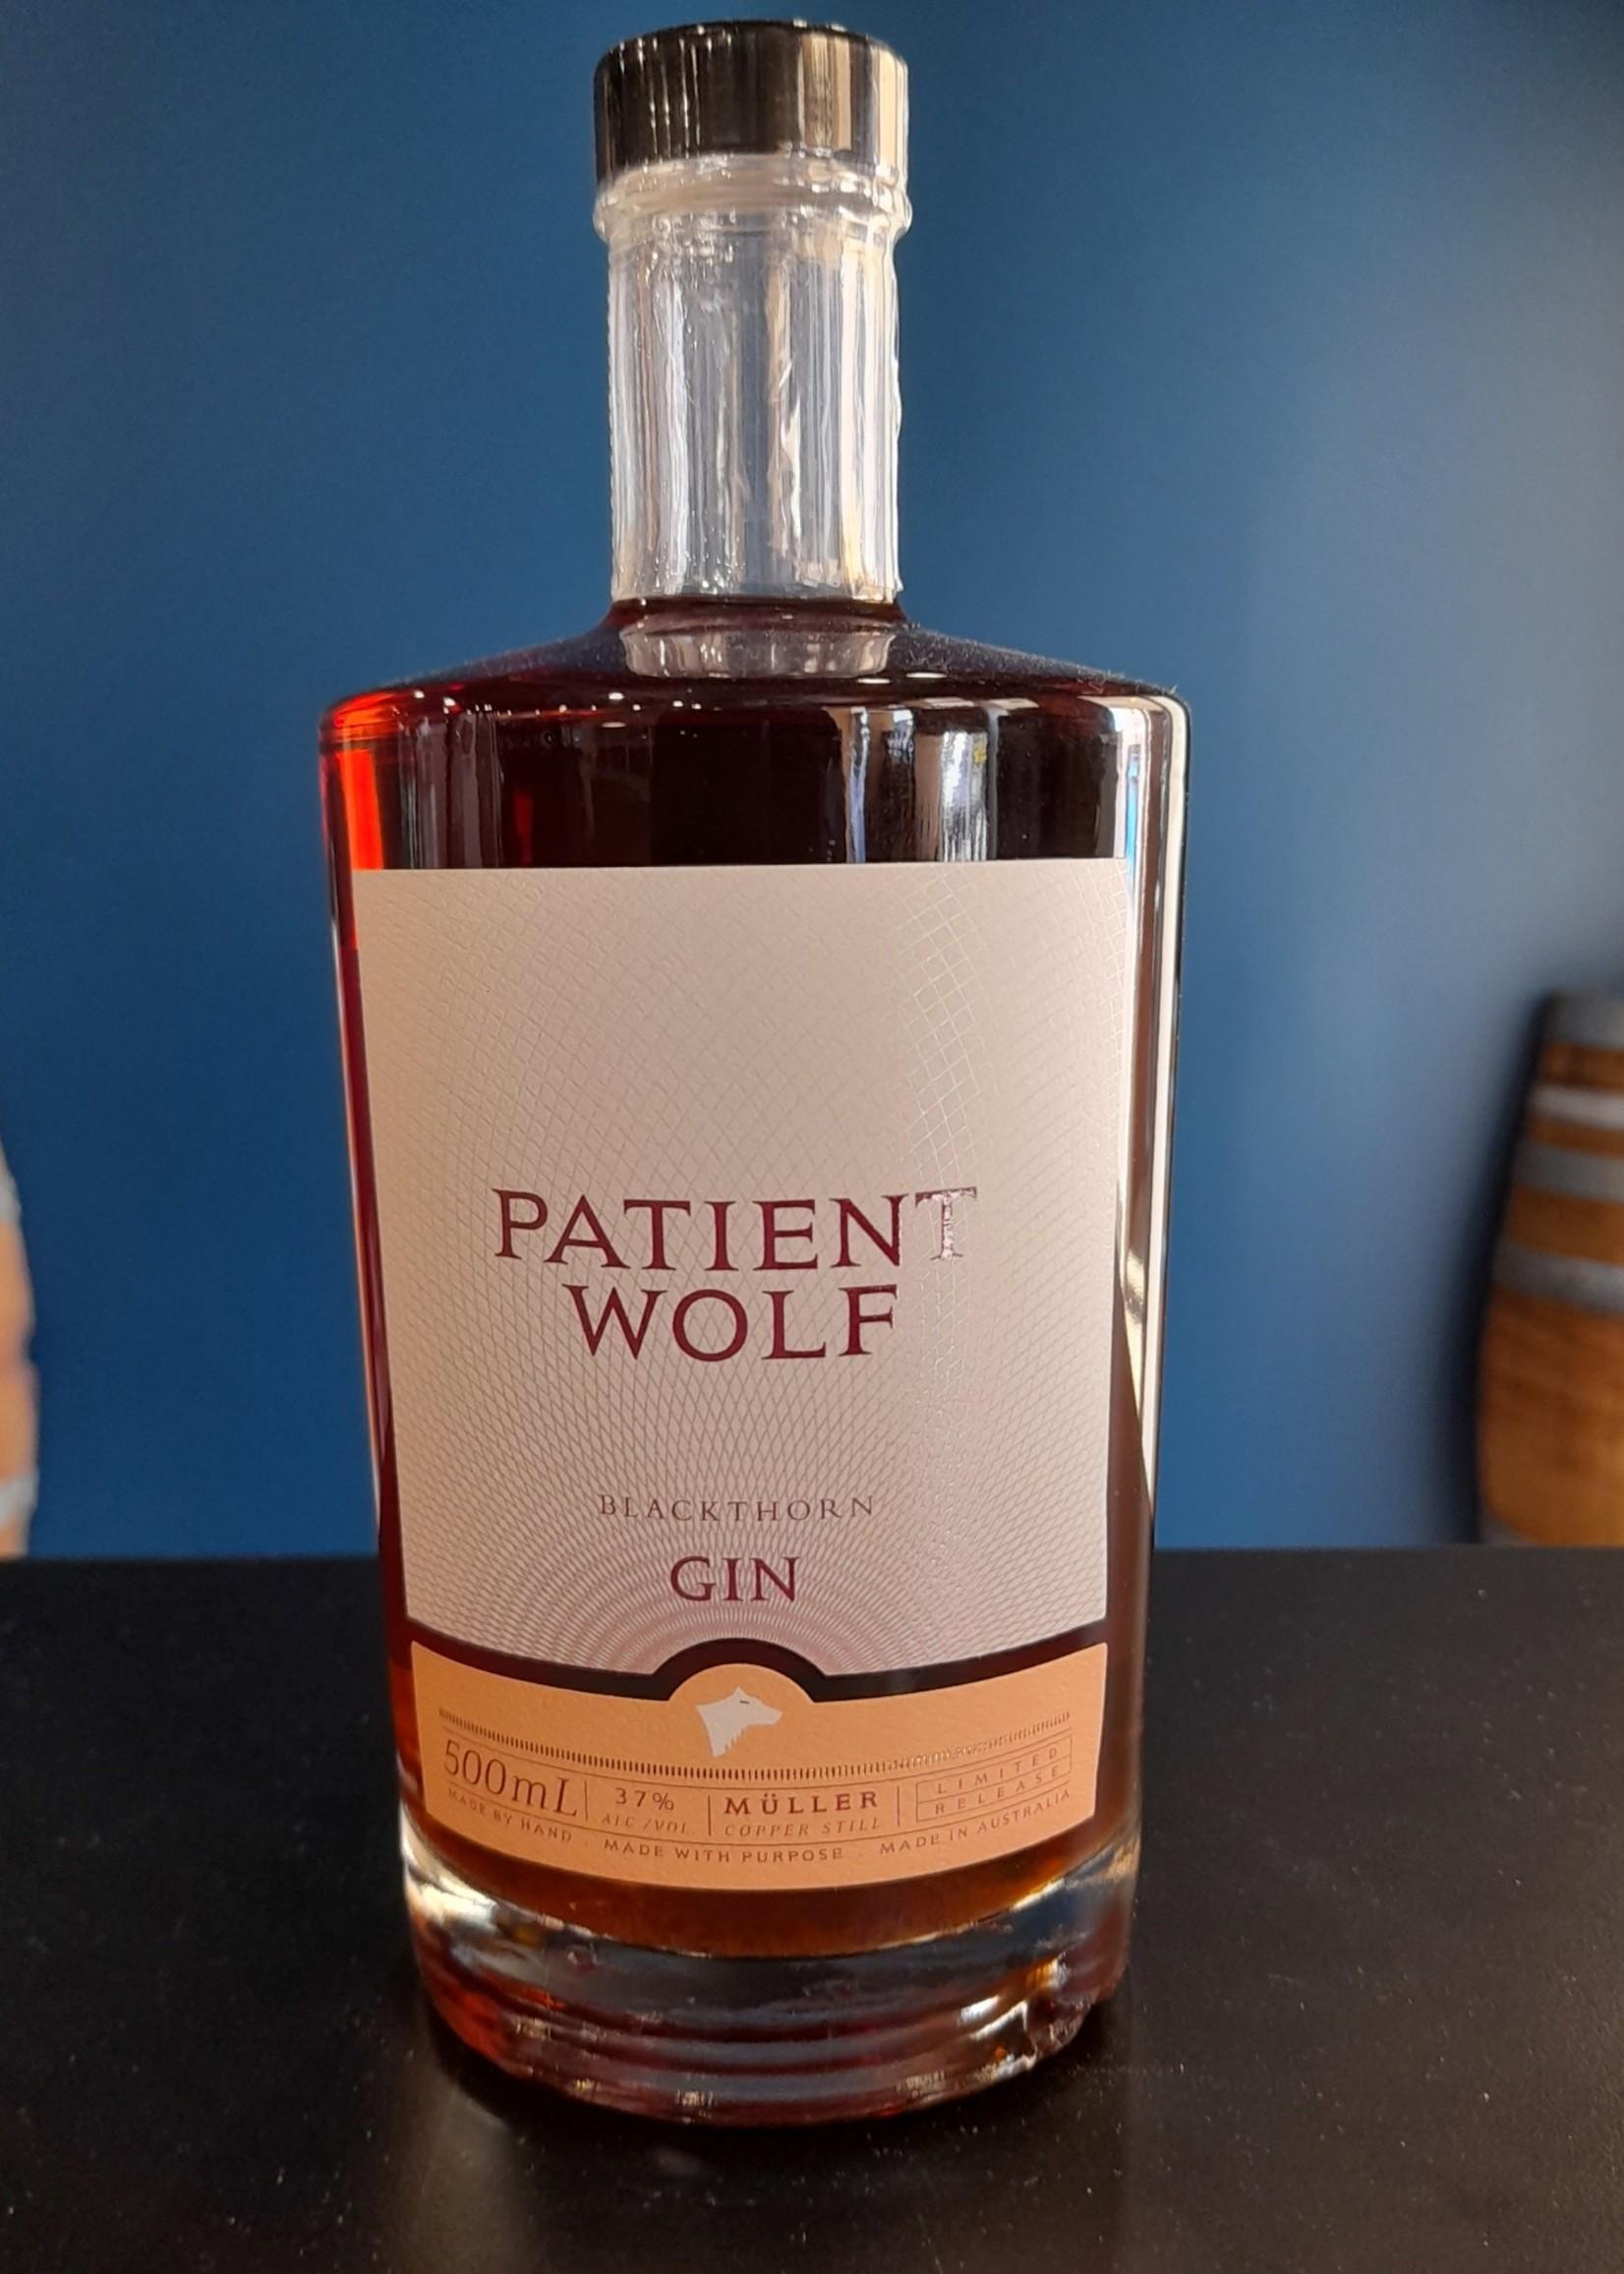 Patient Wolf PATIENT WOLF BLACKTHORN GIN